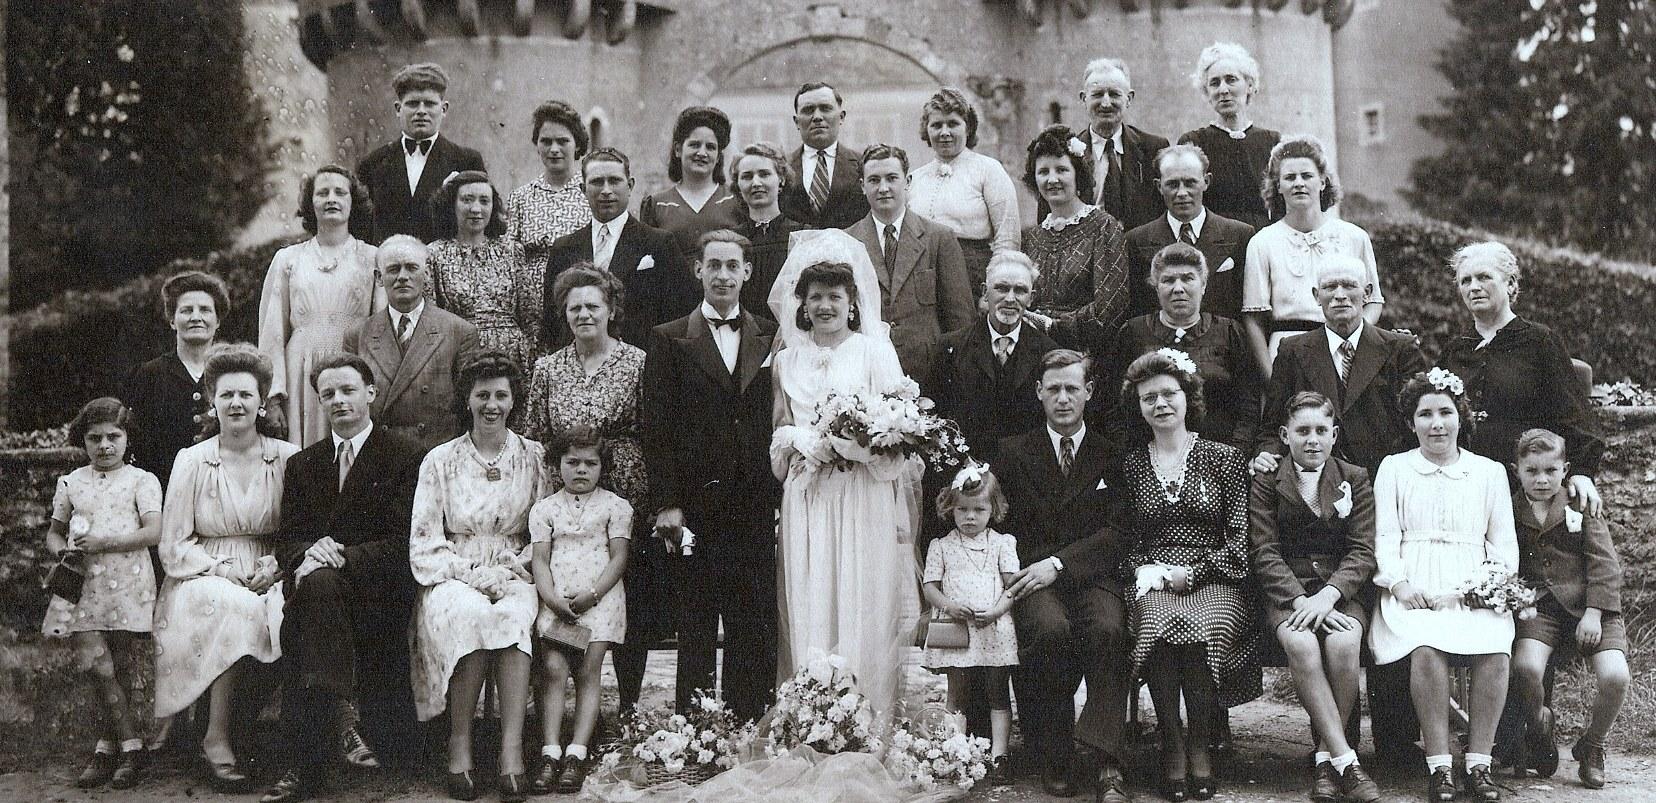 Semur en Vallon - Mariage - ROGERIE André et MINIER Olga - 1945 - Vue 01 (Michel Rogerie)